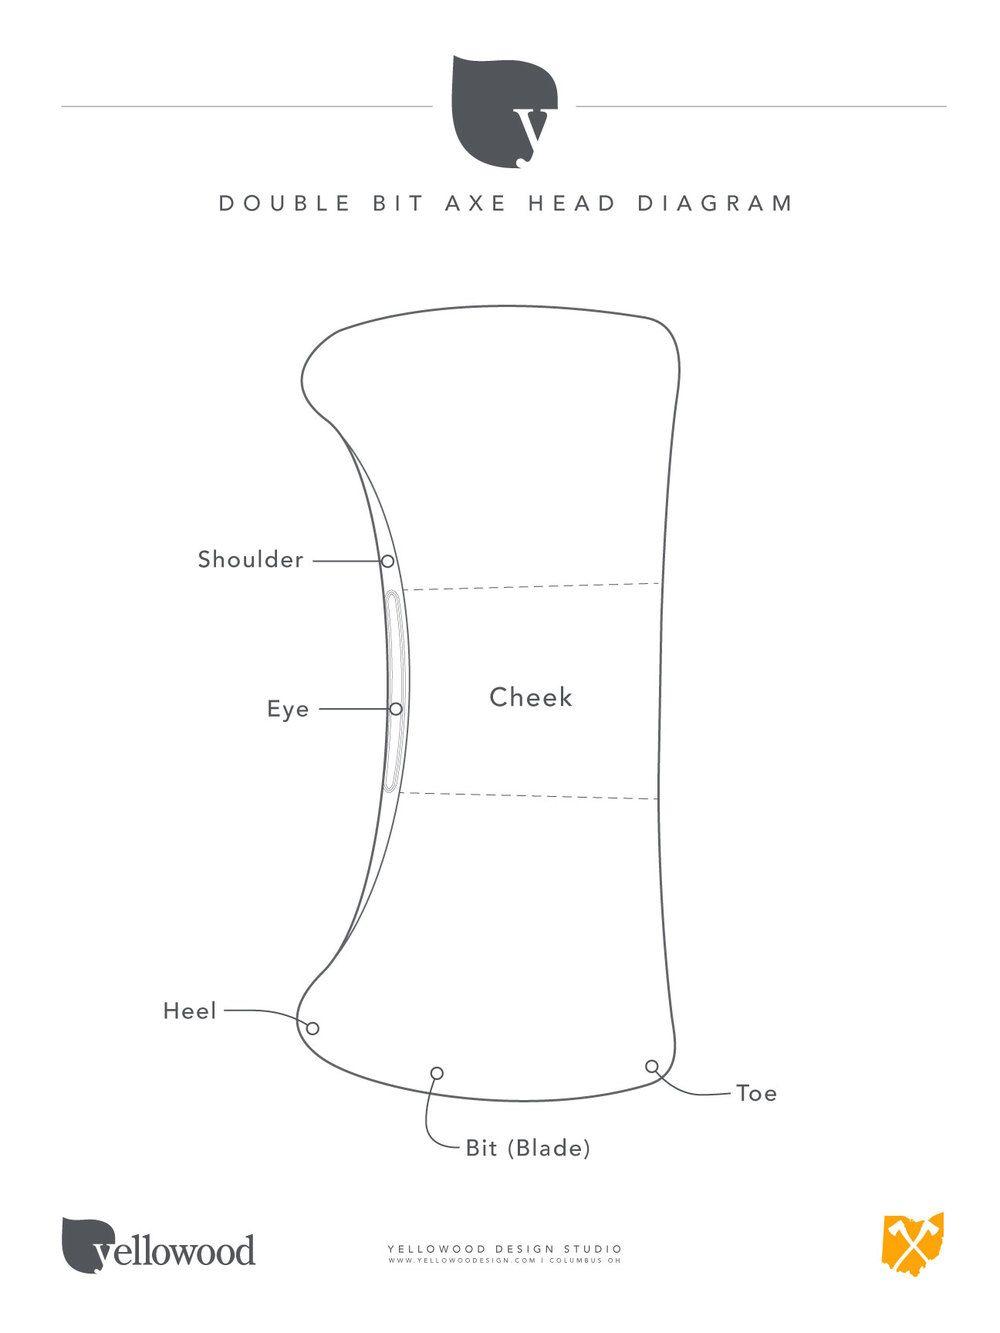 Double bit axe head diagram. | AXES | Pinterest | Axe, Axe head and ...